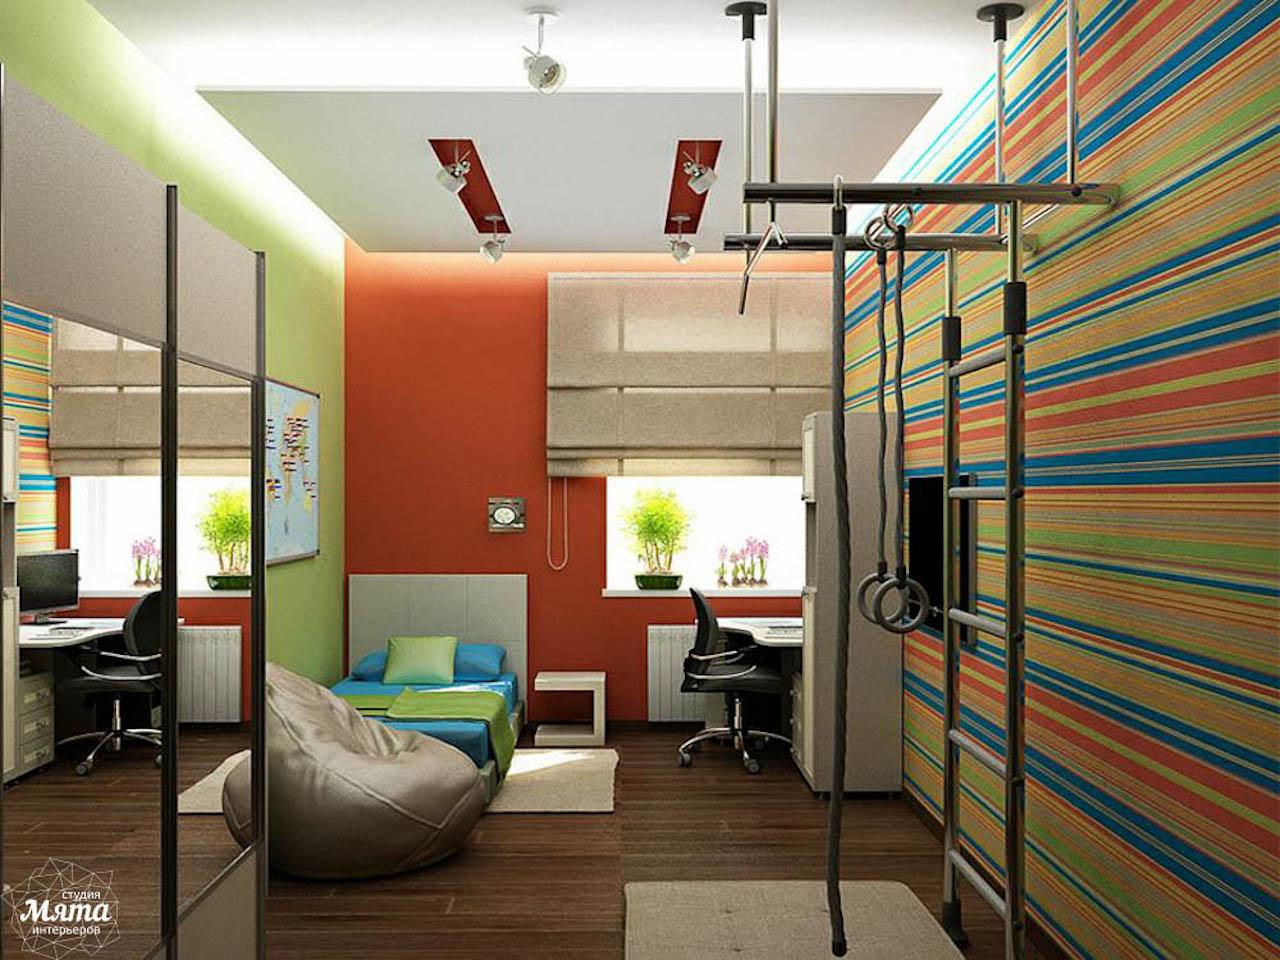 Дизайн интерьера трехкомнатной квартиры по ул. Грибоедова 26 img334544000